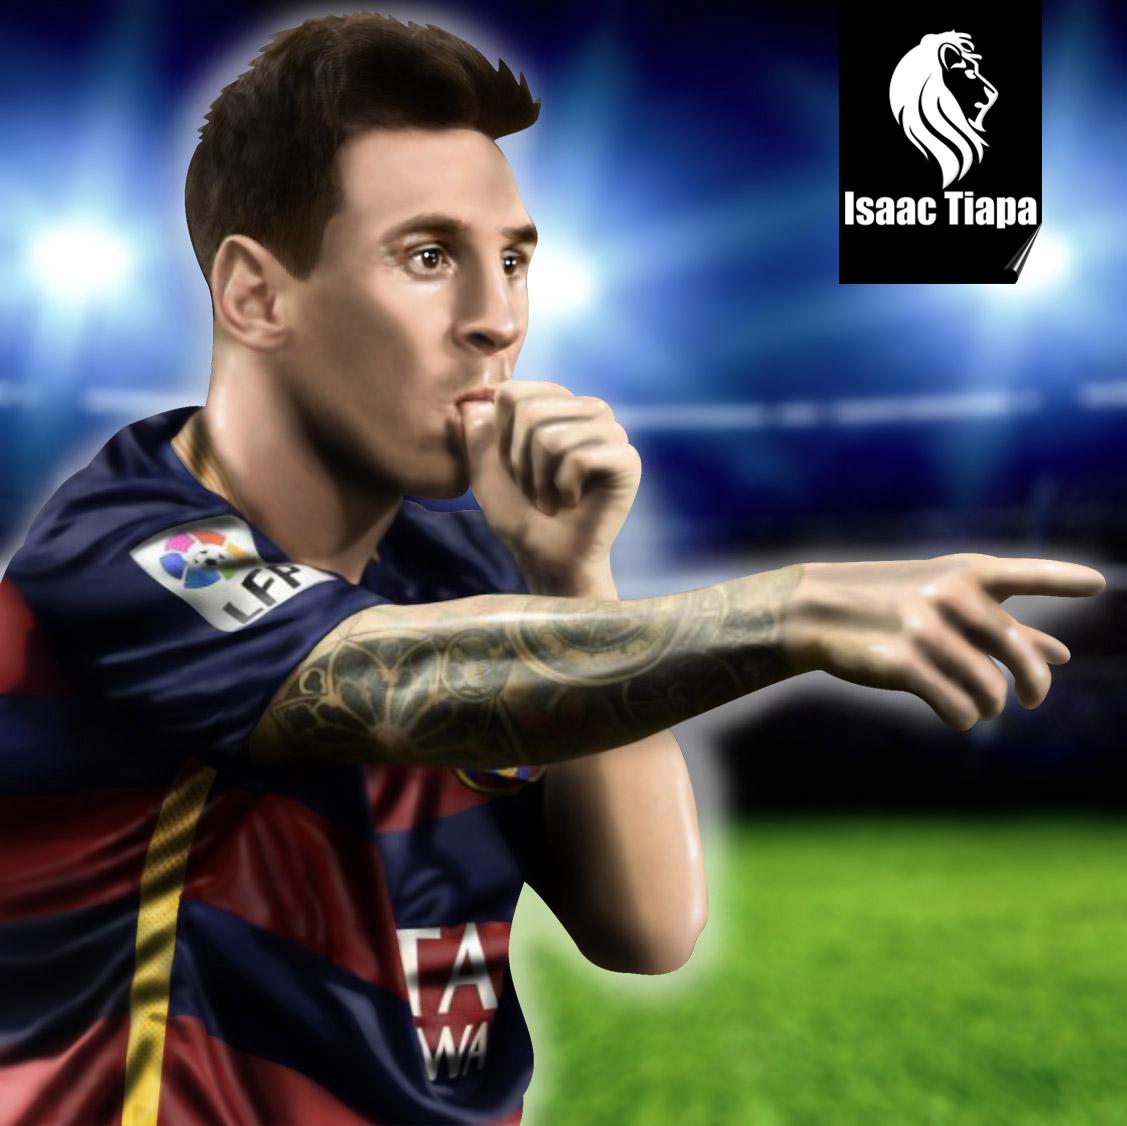 Isaac Tiapa Leo Messi 2015